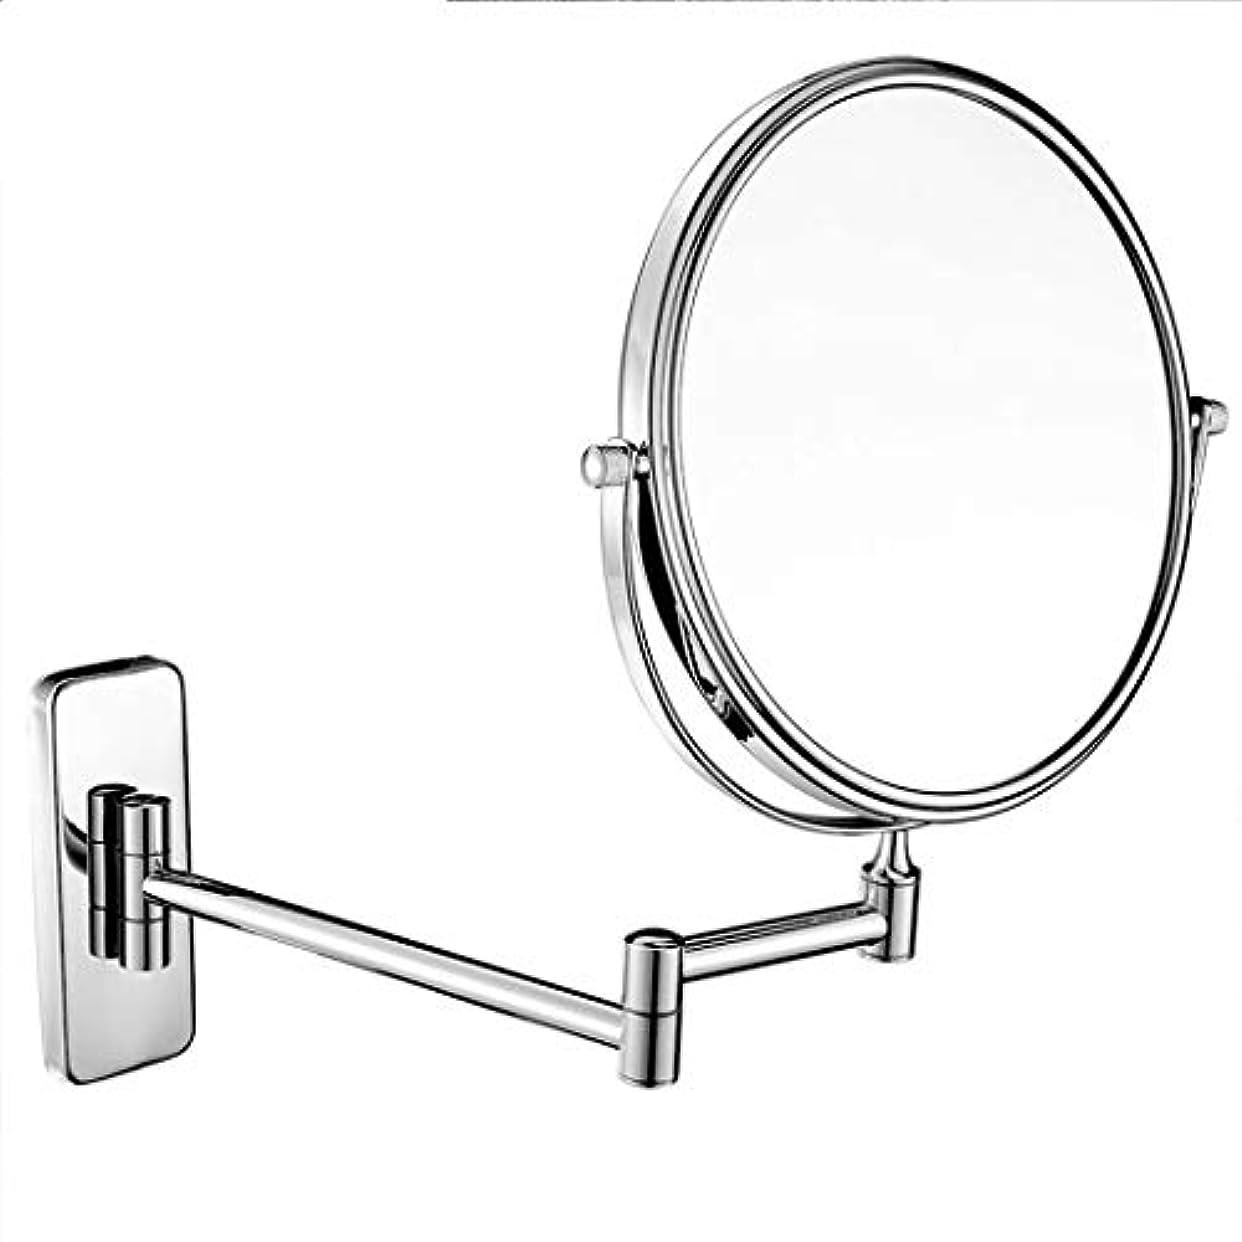 管理必要とするメンダシティ壁に取り付けられた浴室用ミラー両面化粧鏡3倍/ 5倍/ 7倍/ 10倍拡大虚栄心拡大鏡360°回転、バス、スパ、ホテル用に拡張可能 (色 : クロム, サイズ さいず : 7x-6 inch)